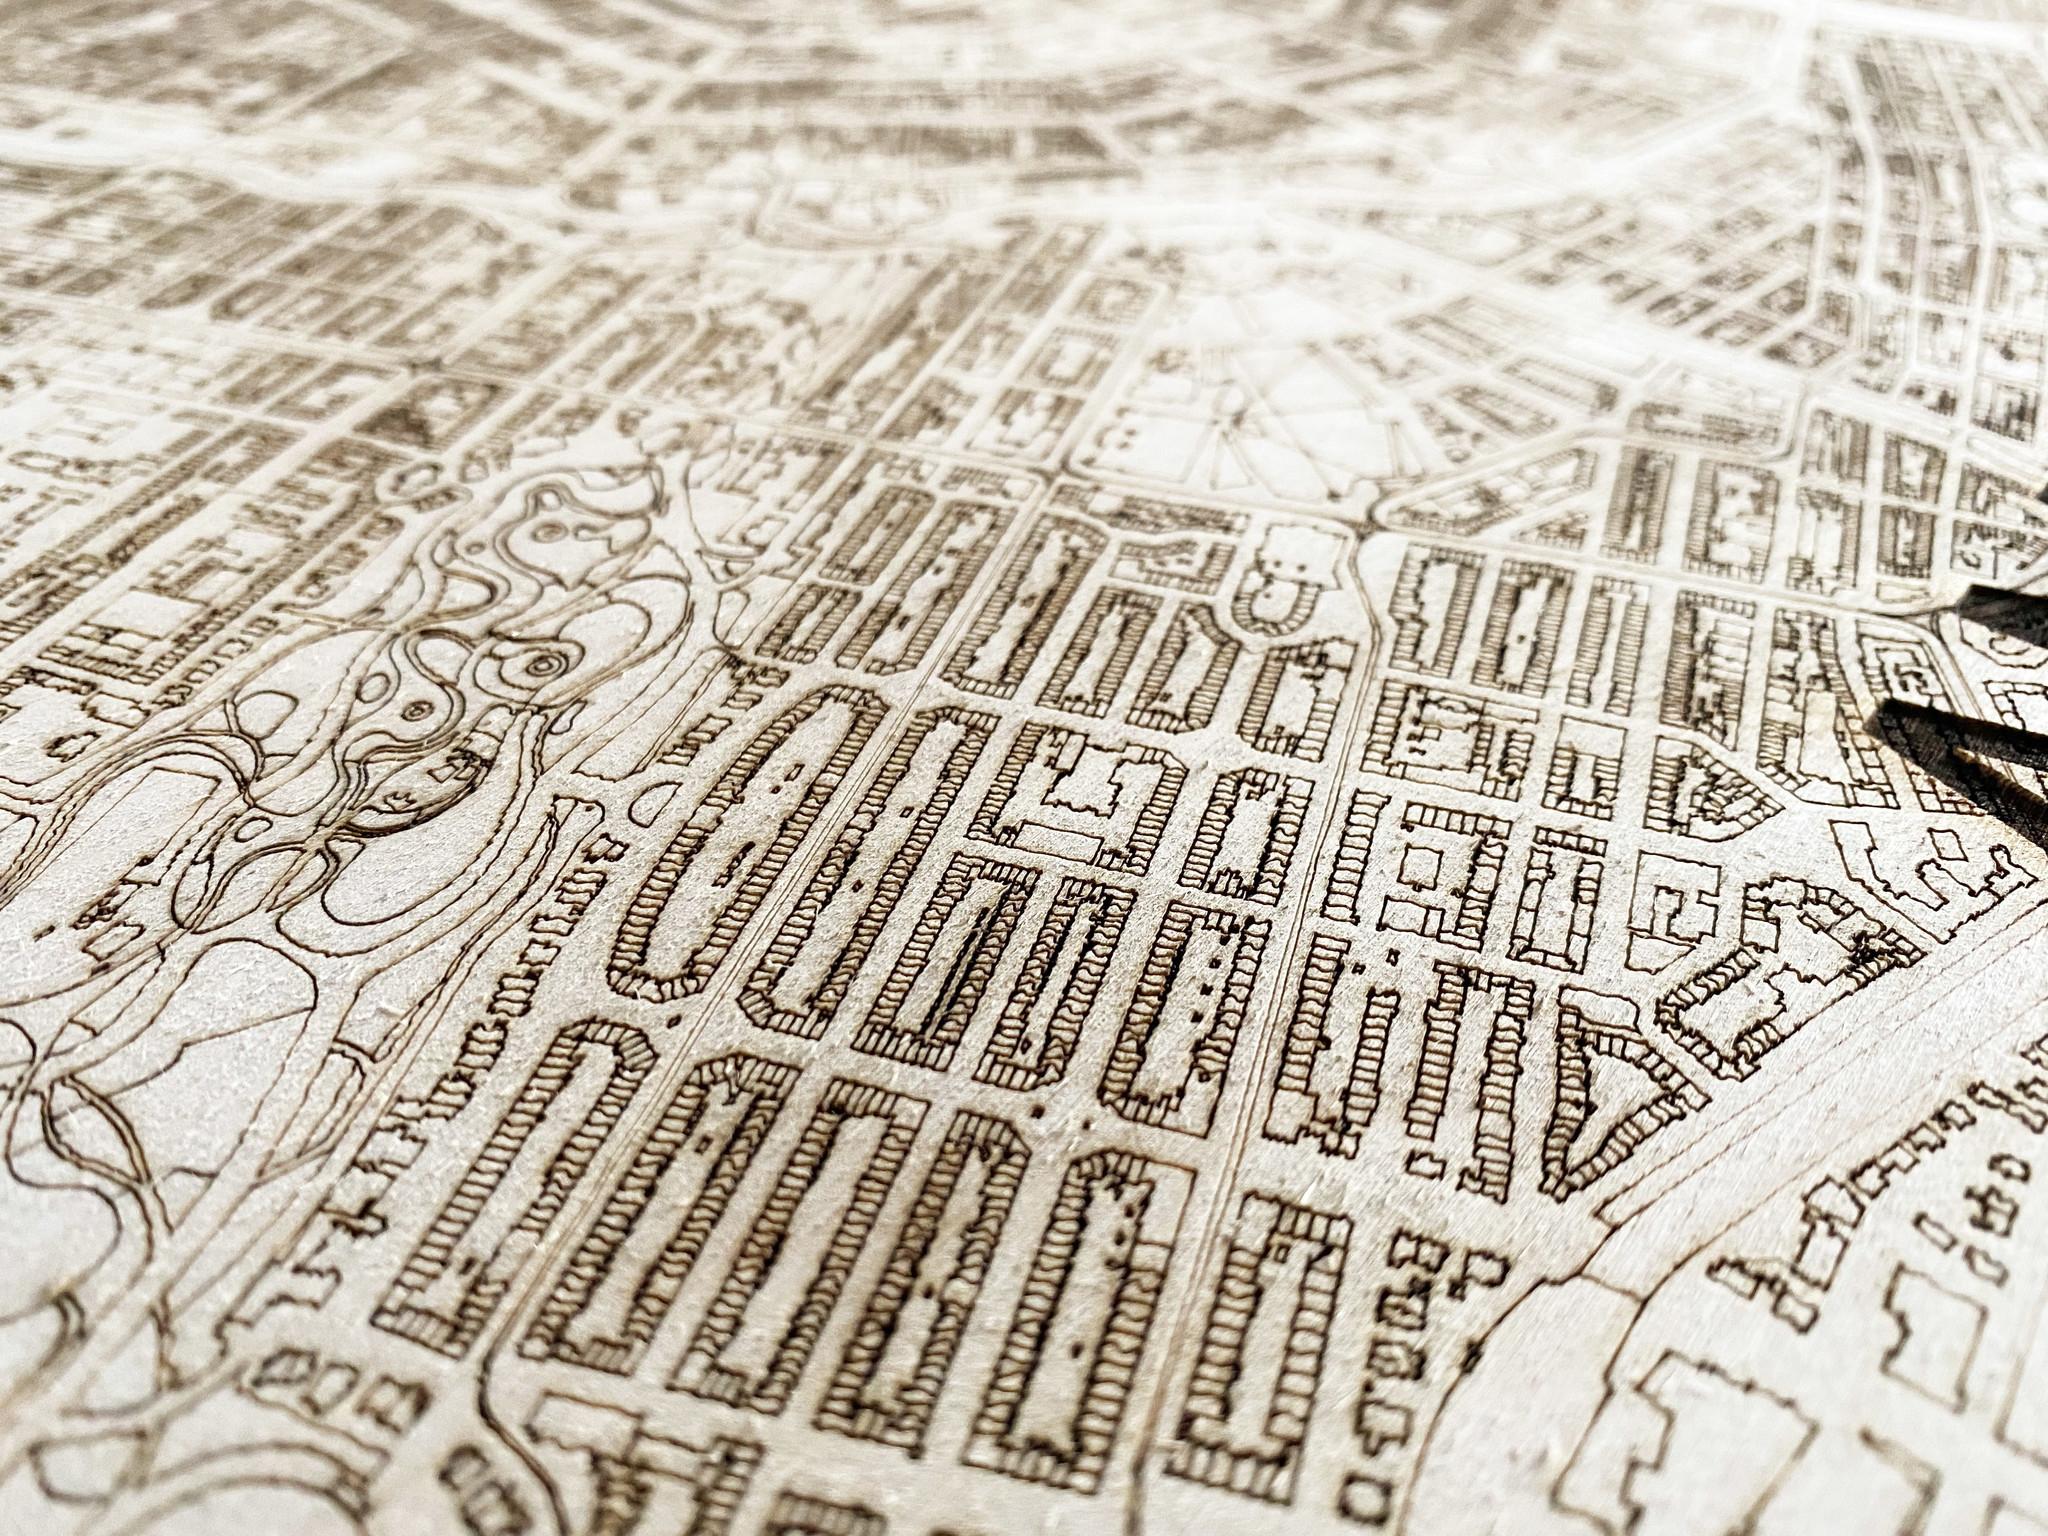 Houten stadsplattegrond Al Hoceima-3